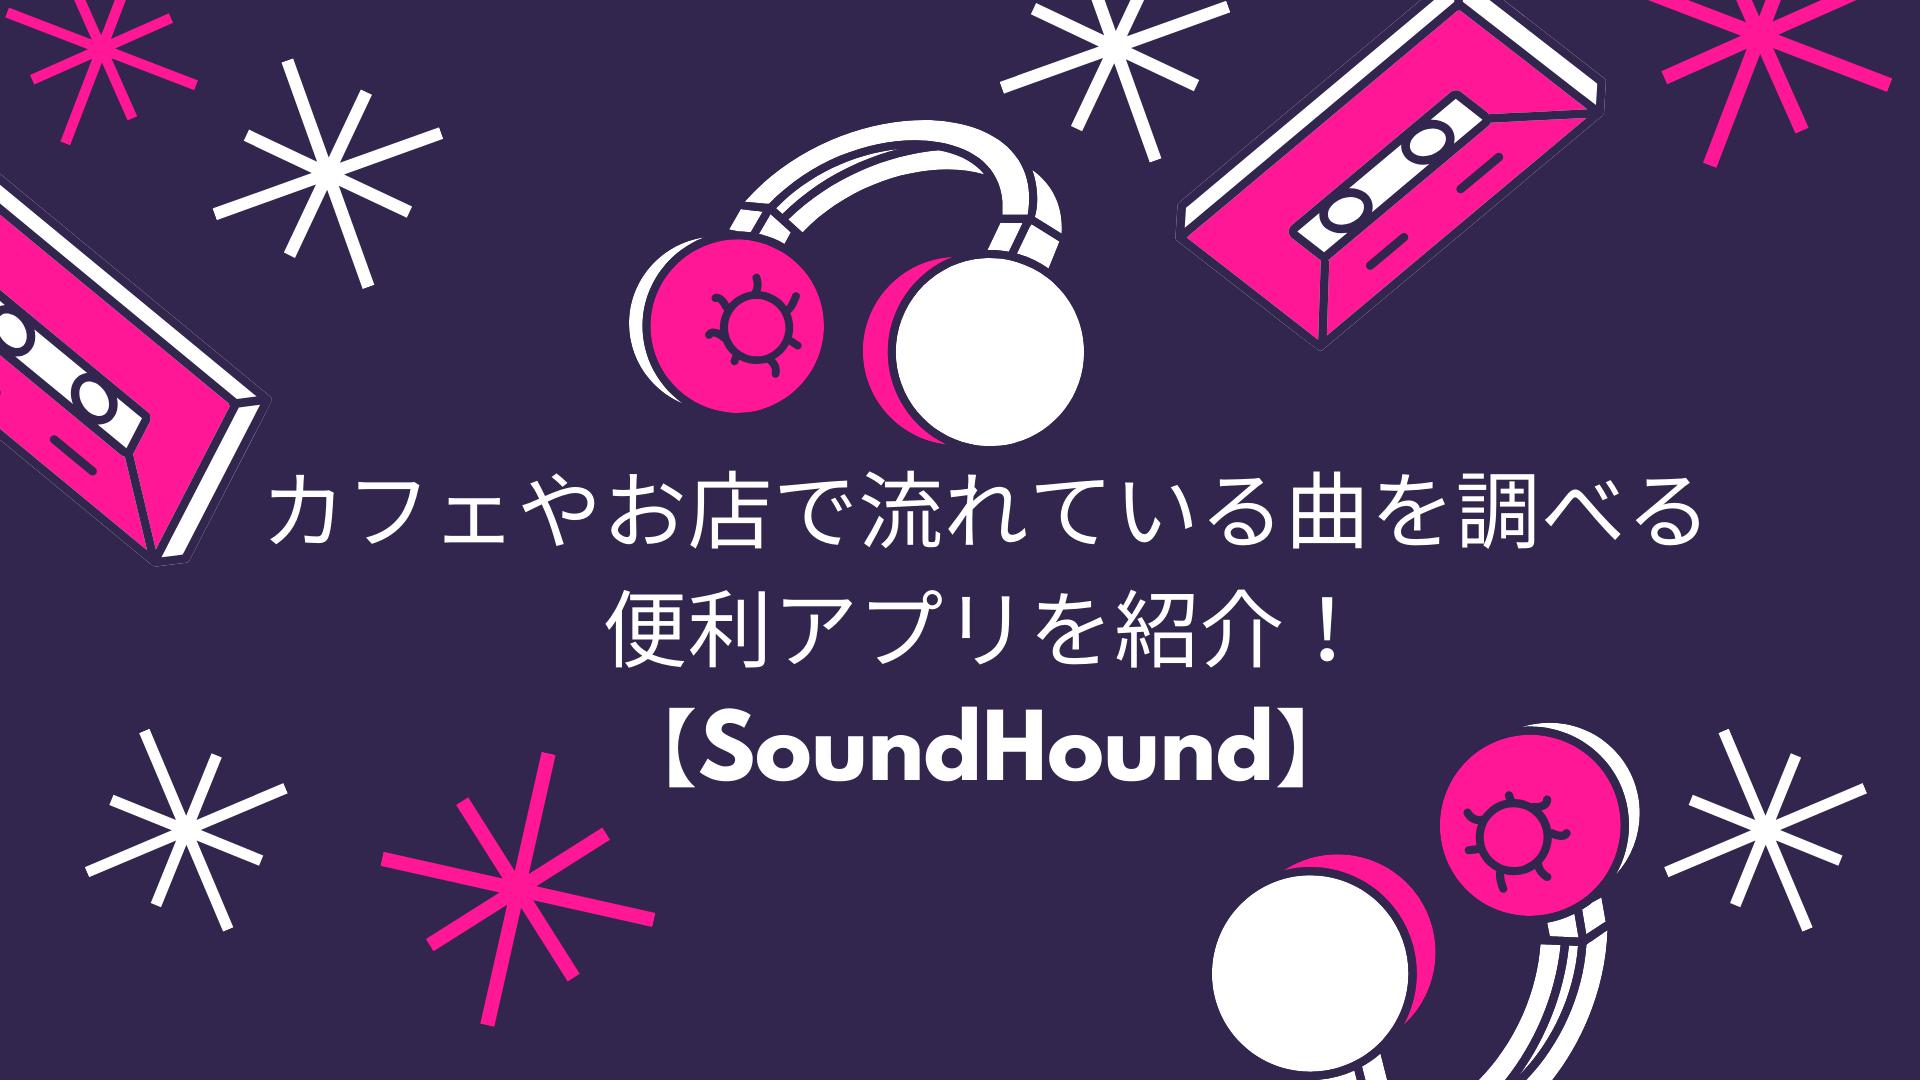 カフェやお店で流れている曲を調べるアプリを紹介!【iOS/Android】